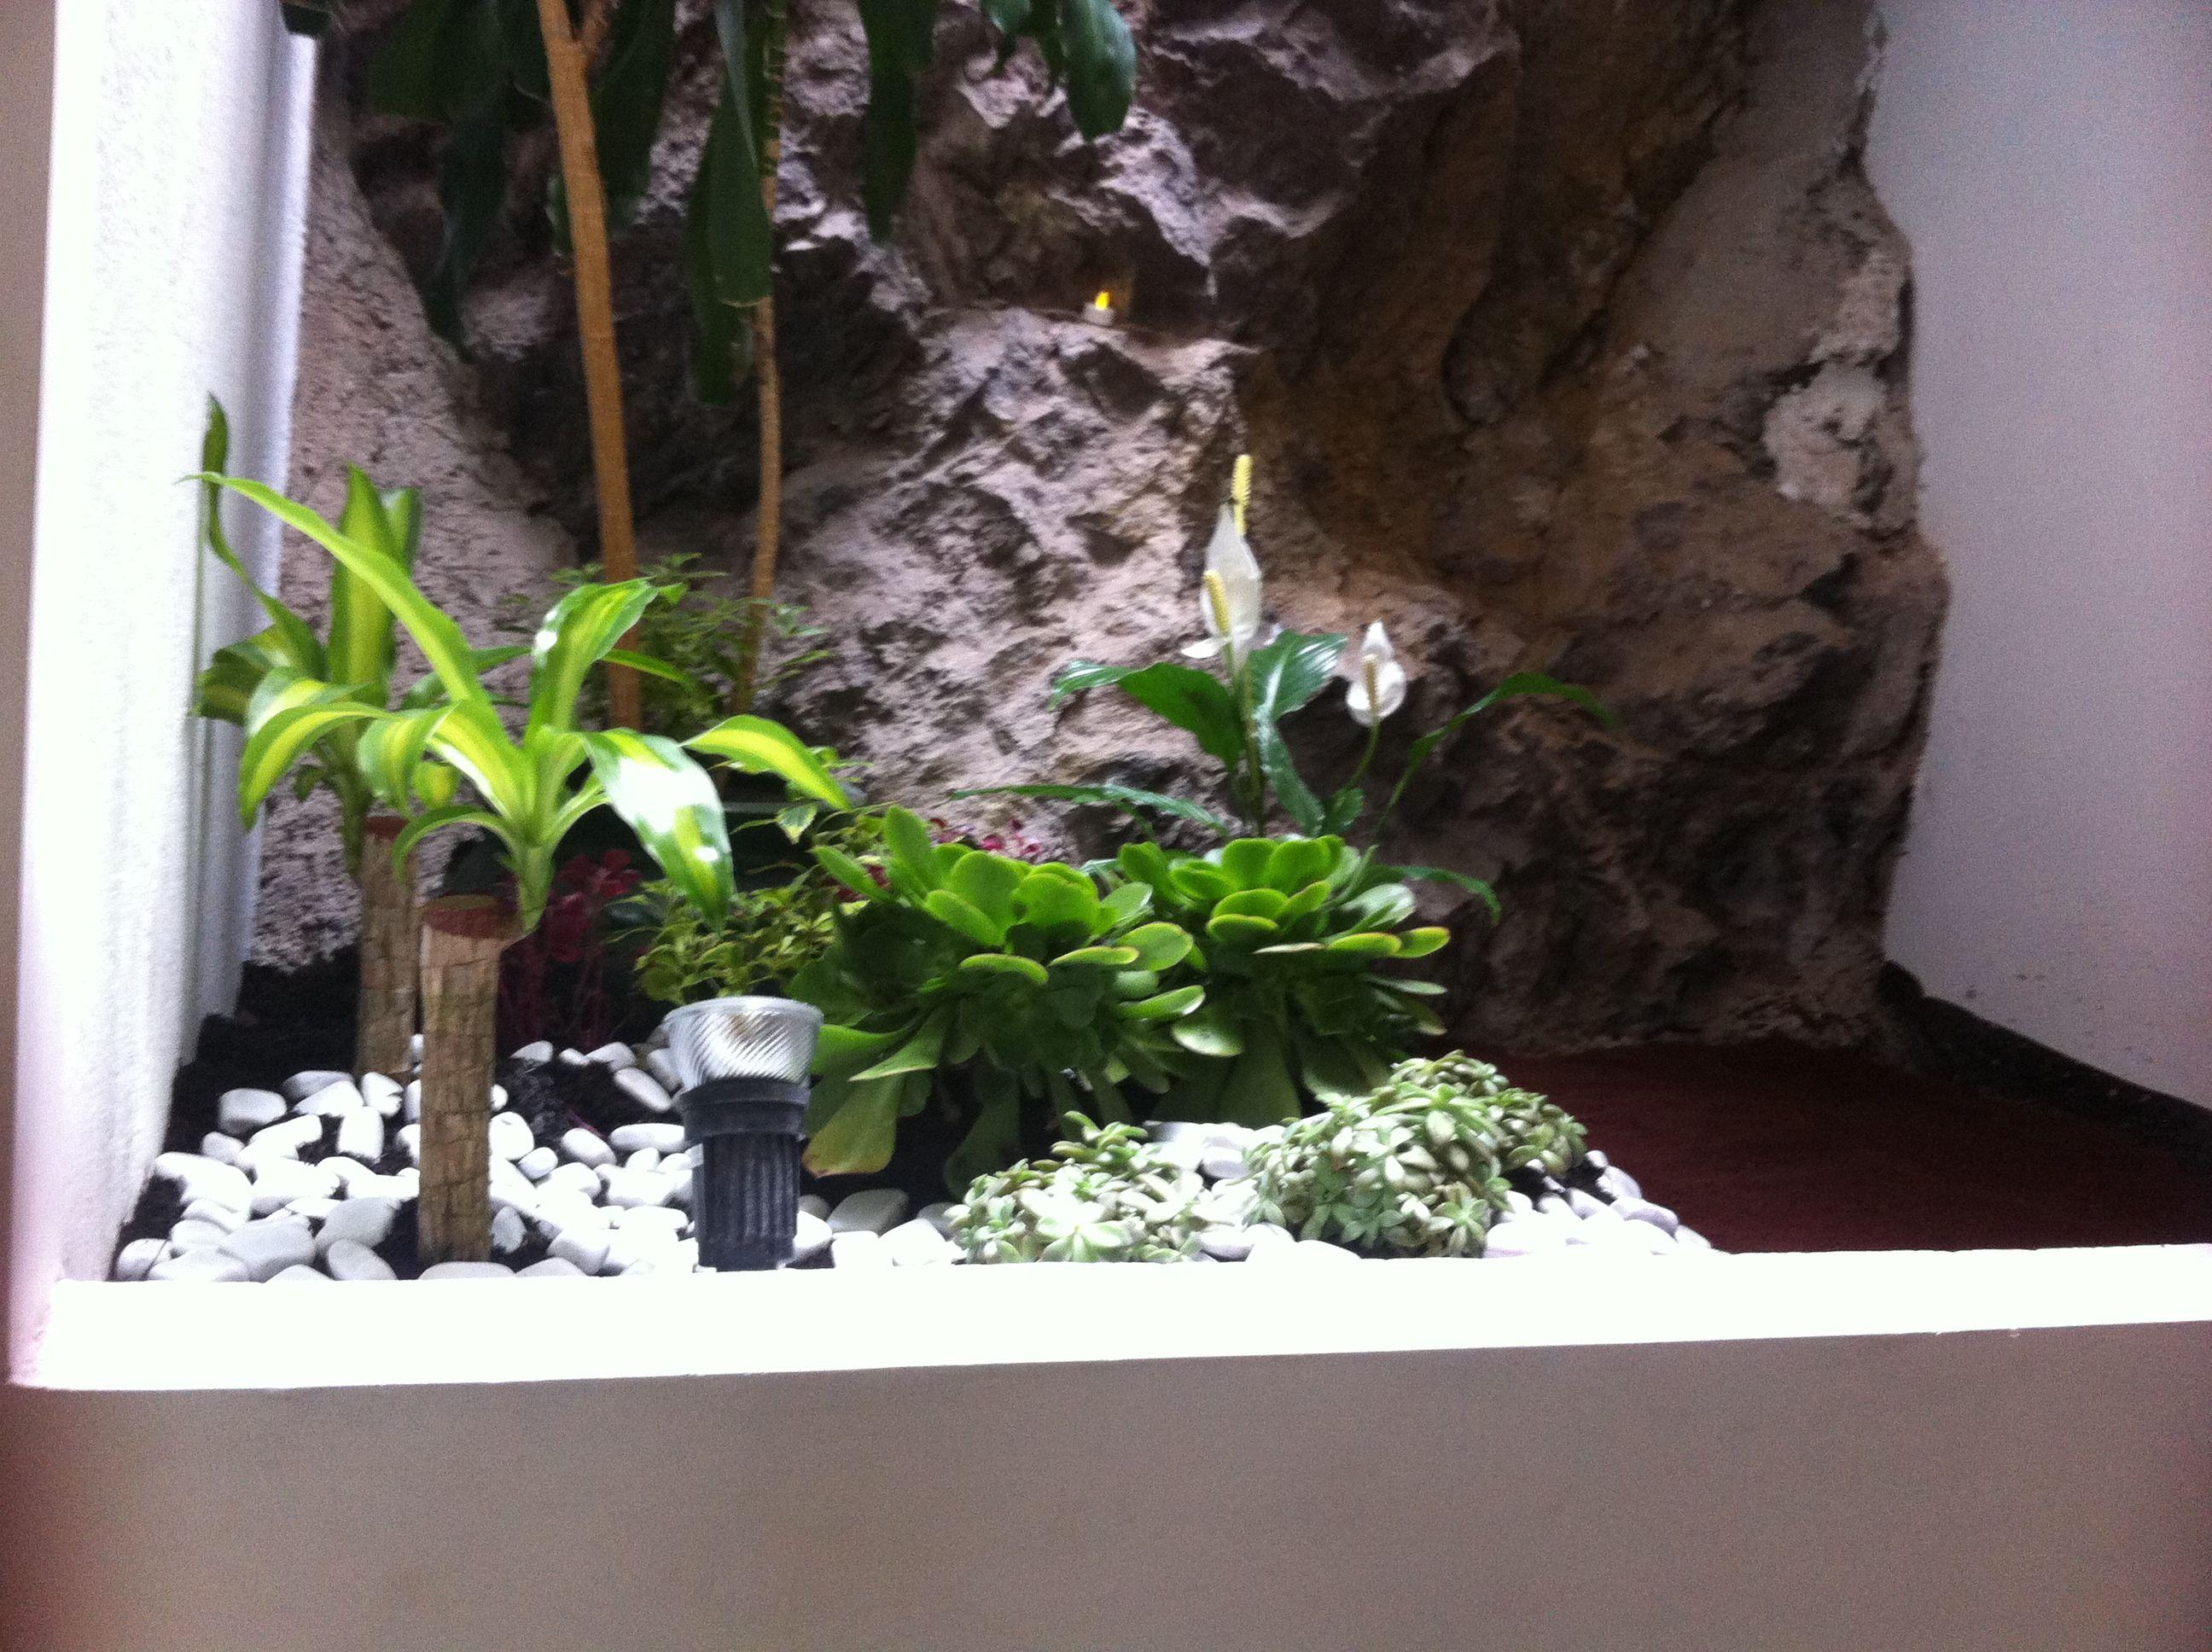 Jard n interior plantas jard n interior piedra for Piedras blancas para decorar